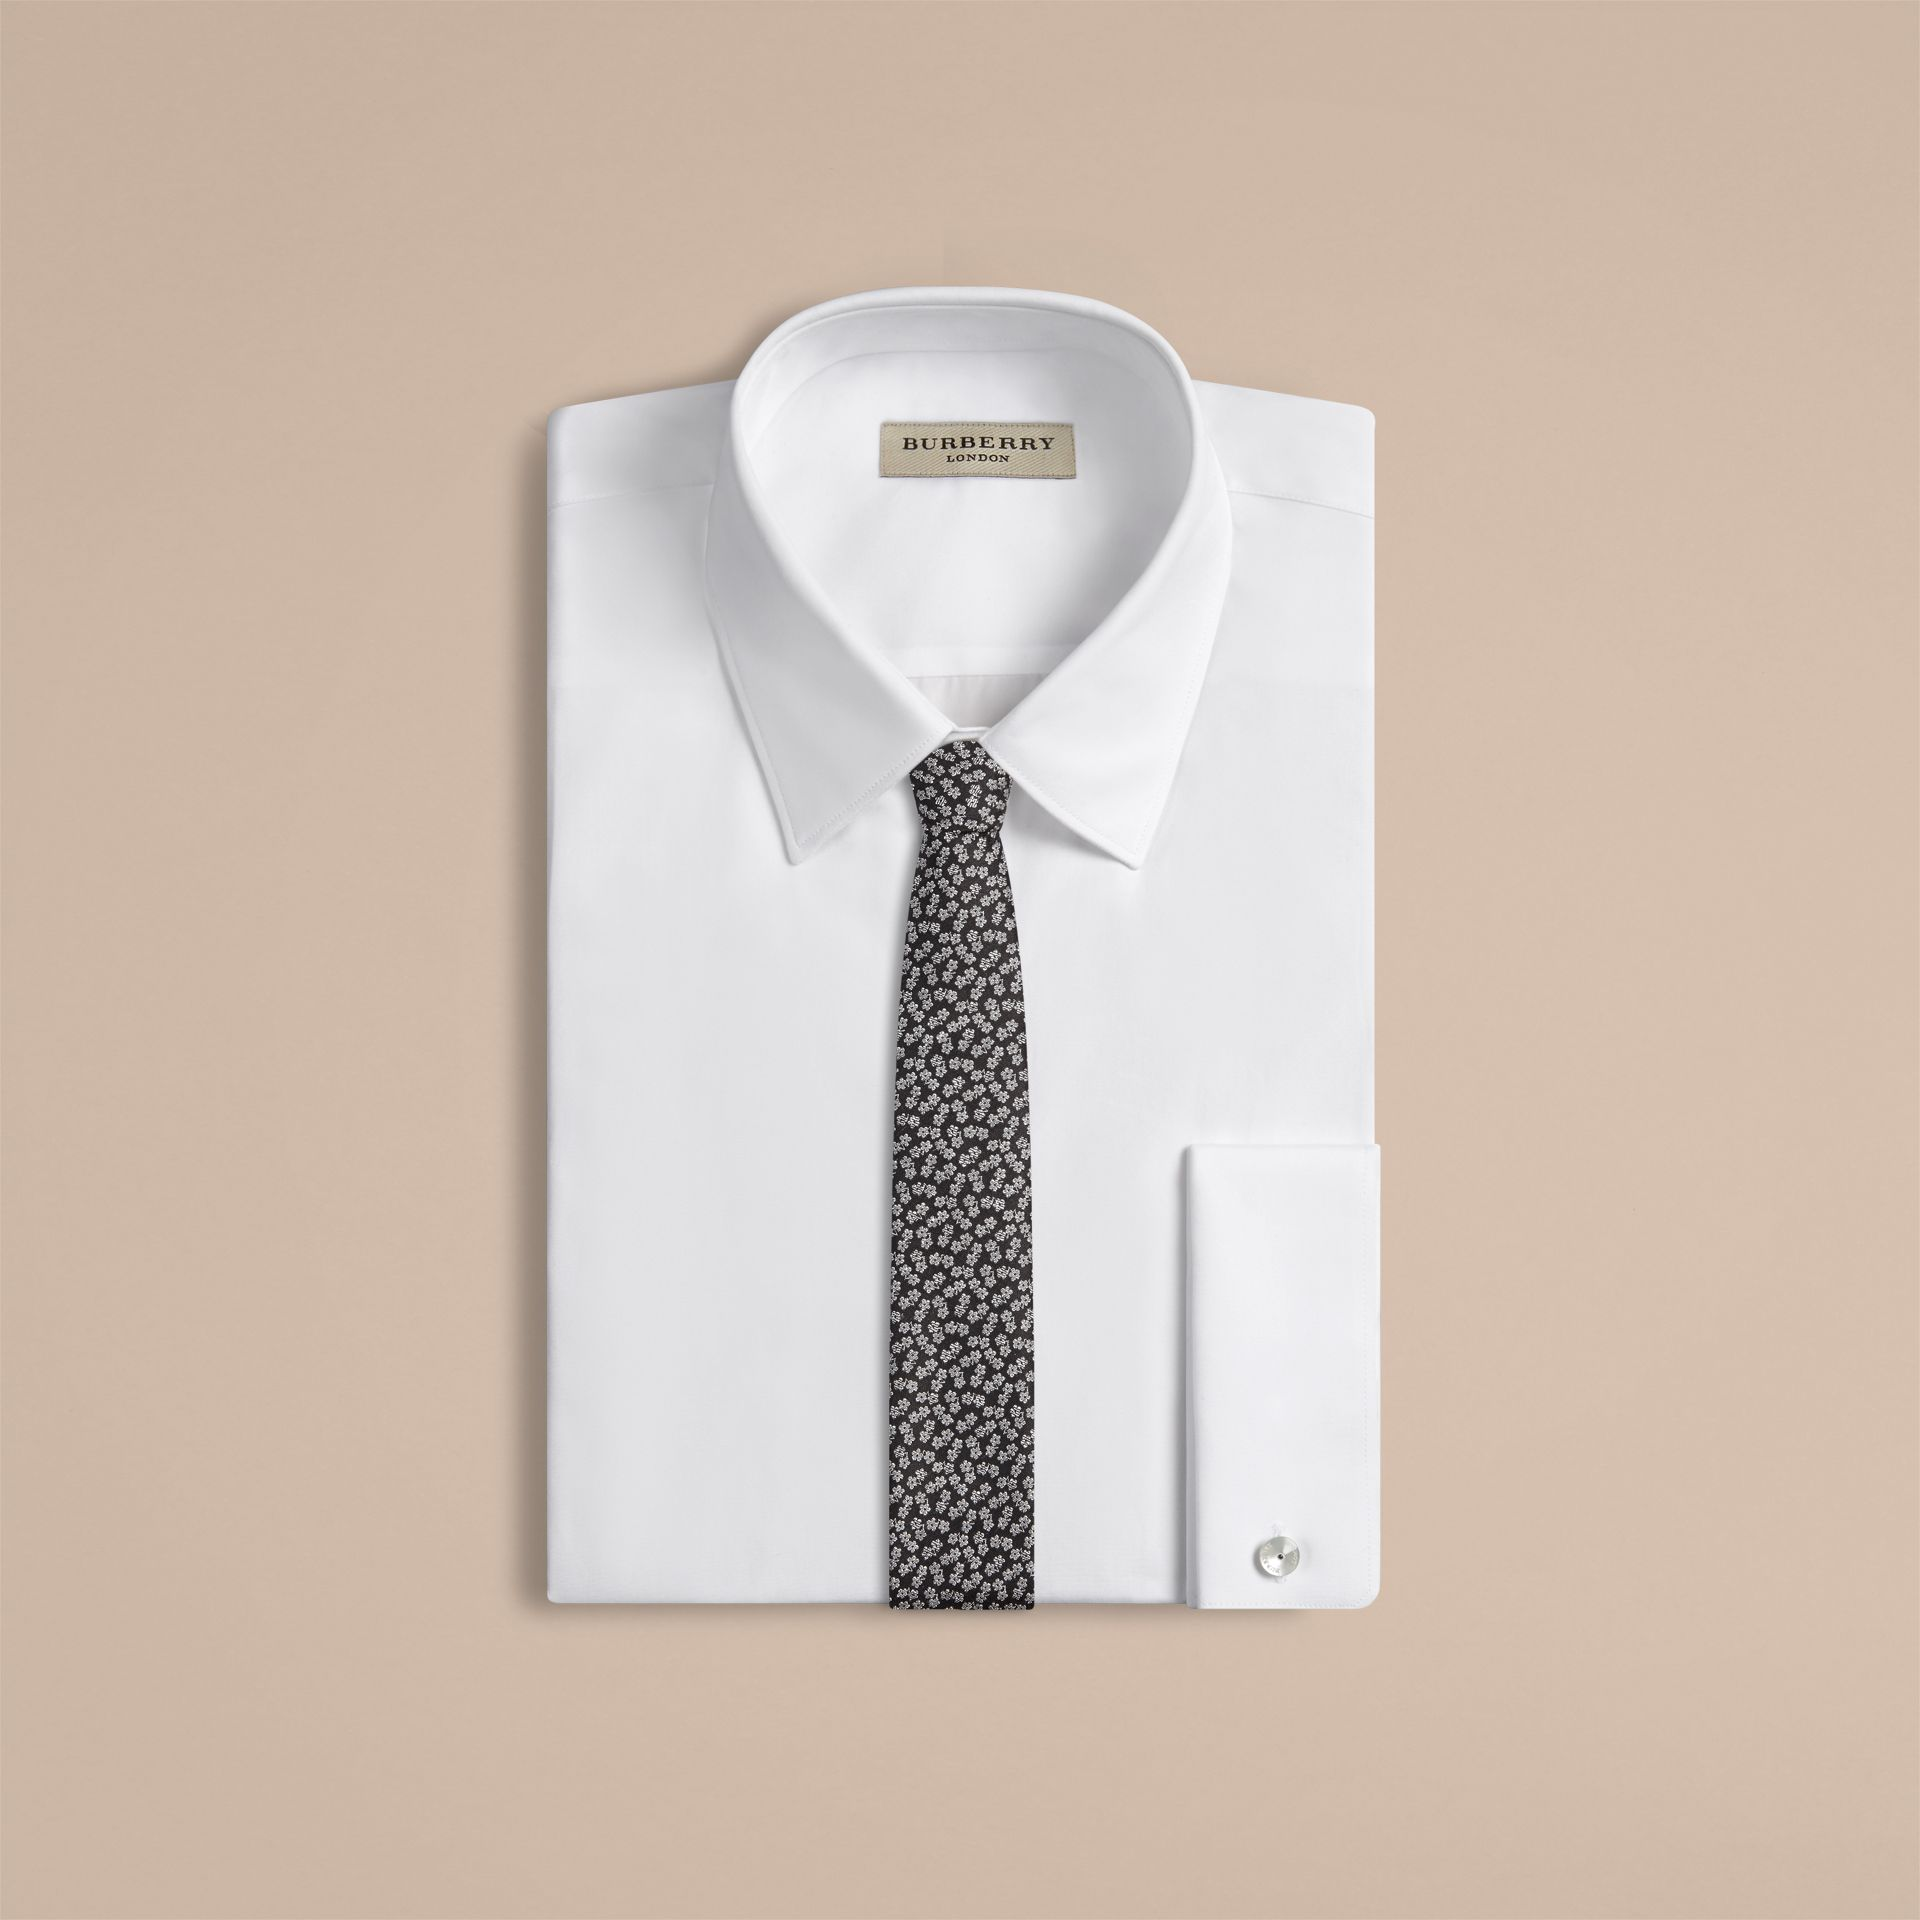 Nero Cravatta dal taglio sottile in seta e lino jacquard con motivo floreale - immagine della galleria 2